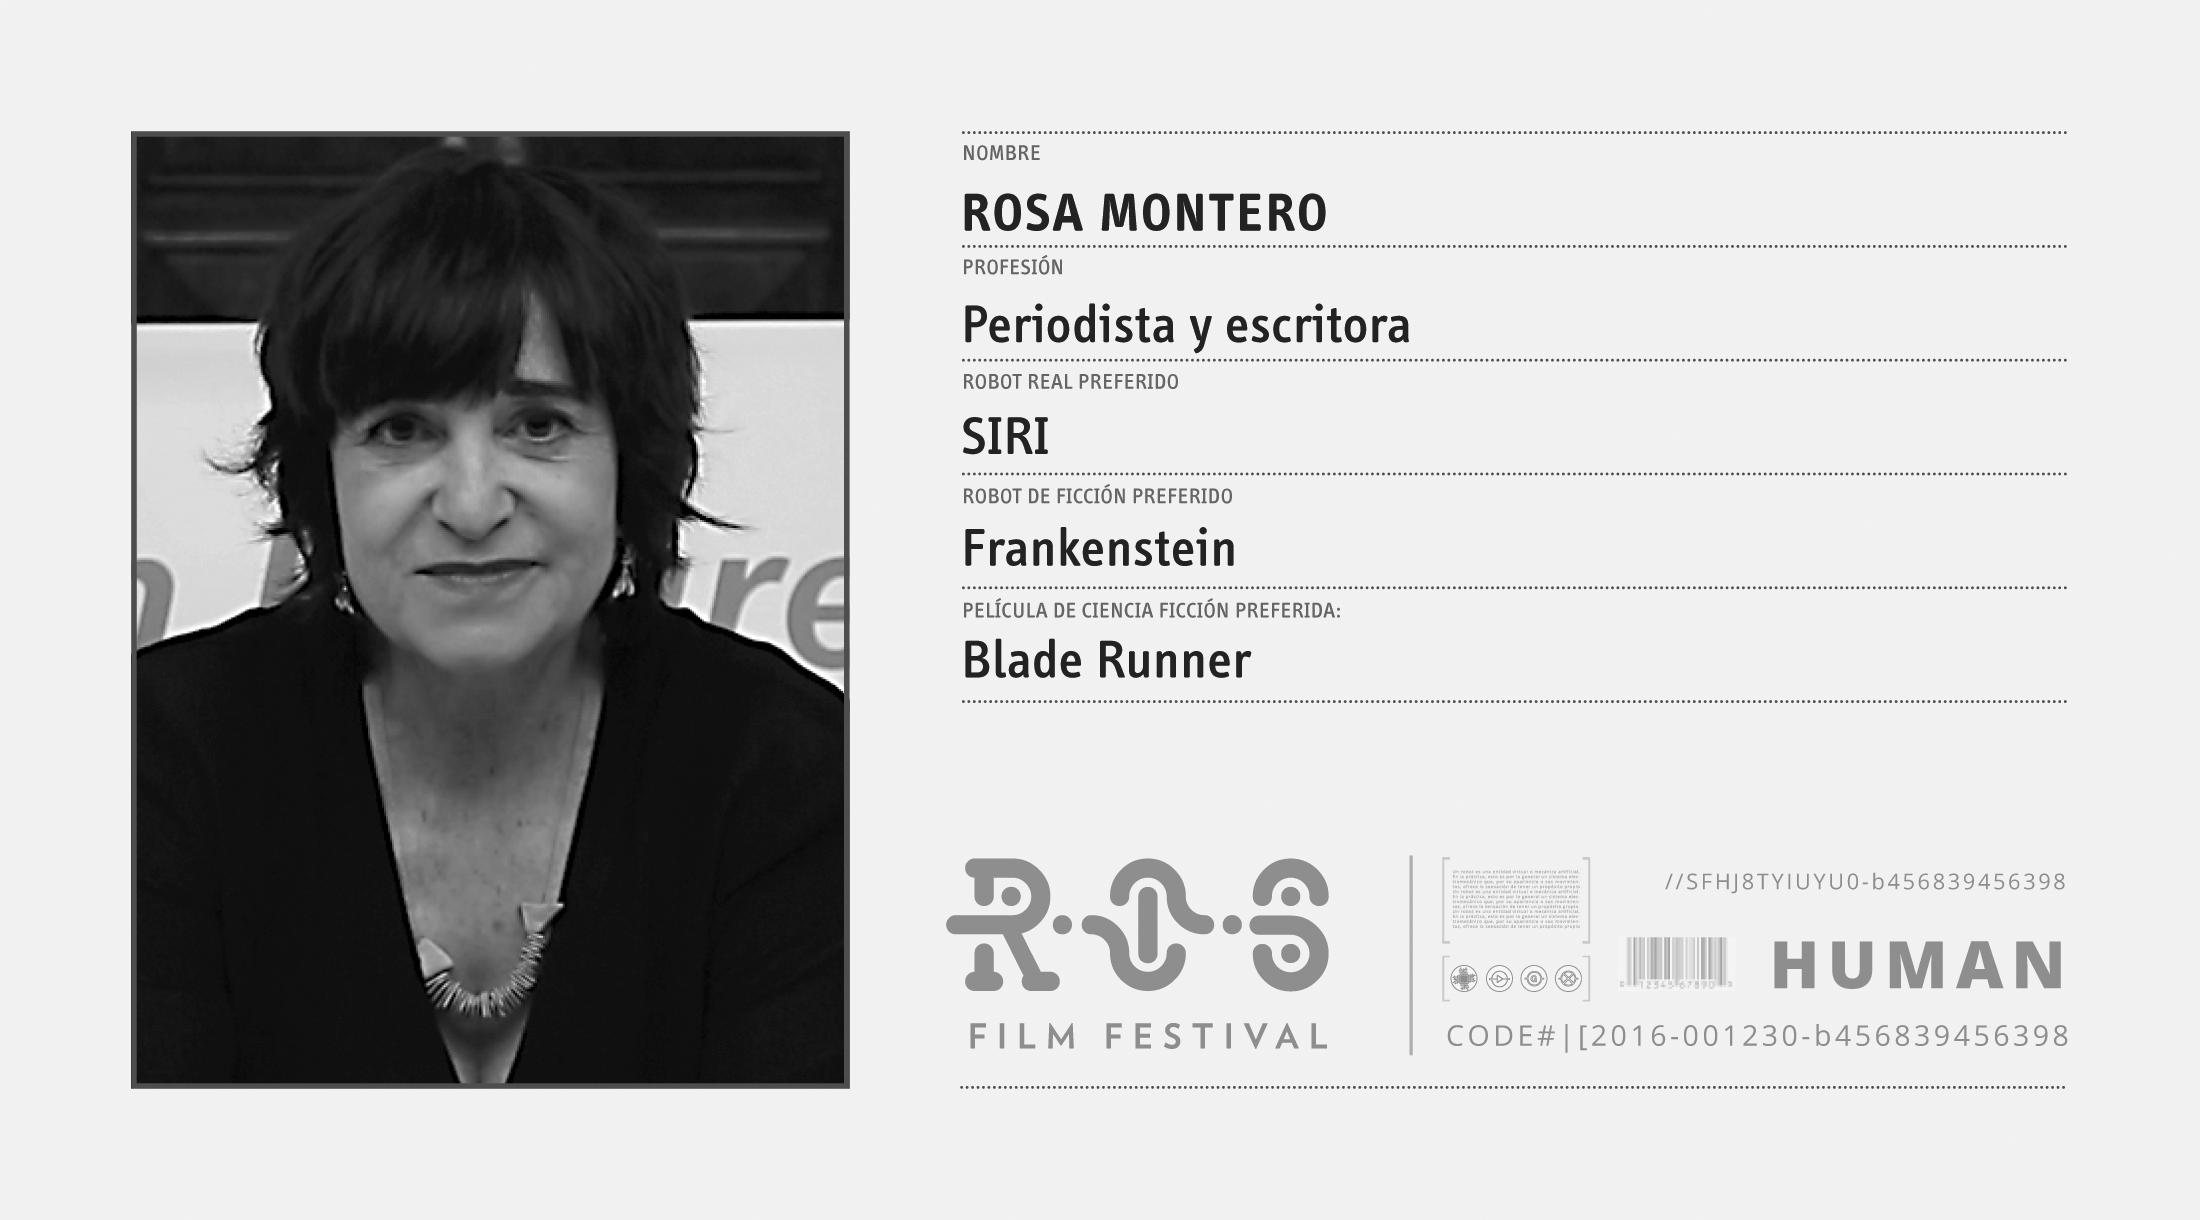 Rosa Montero  HUMAN